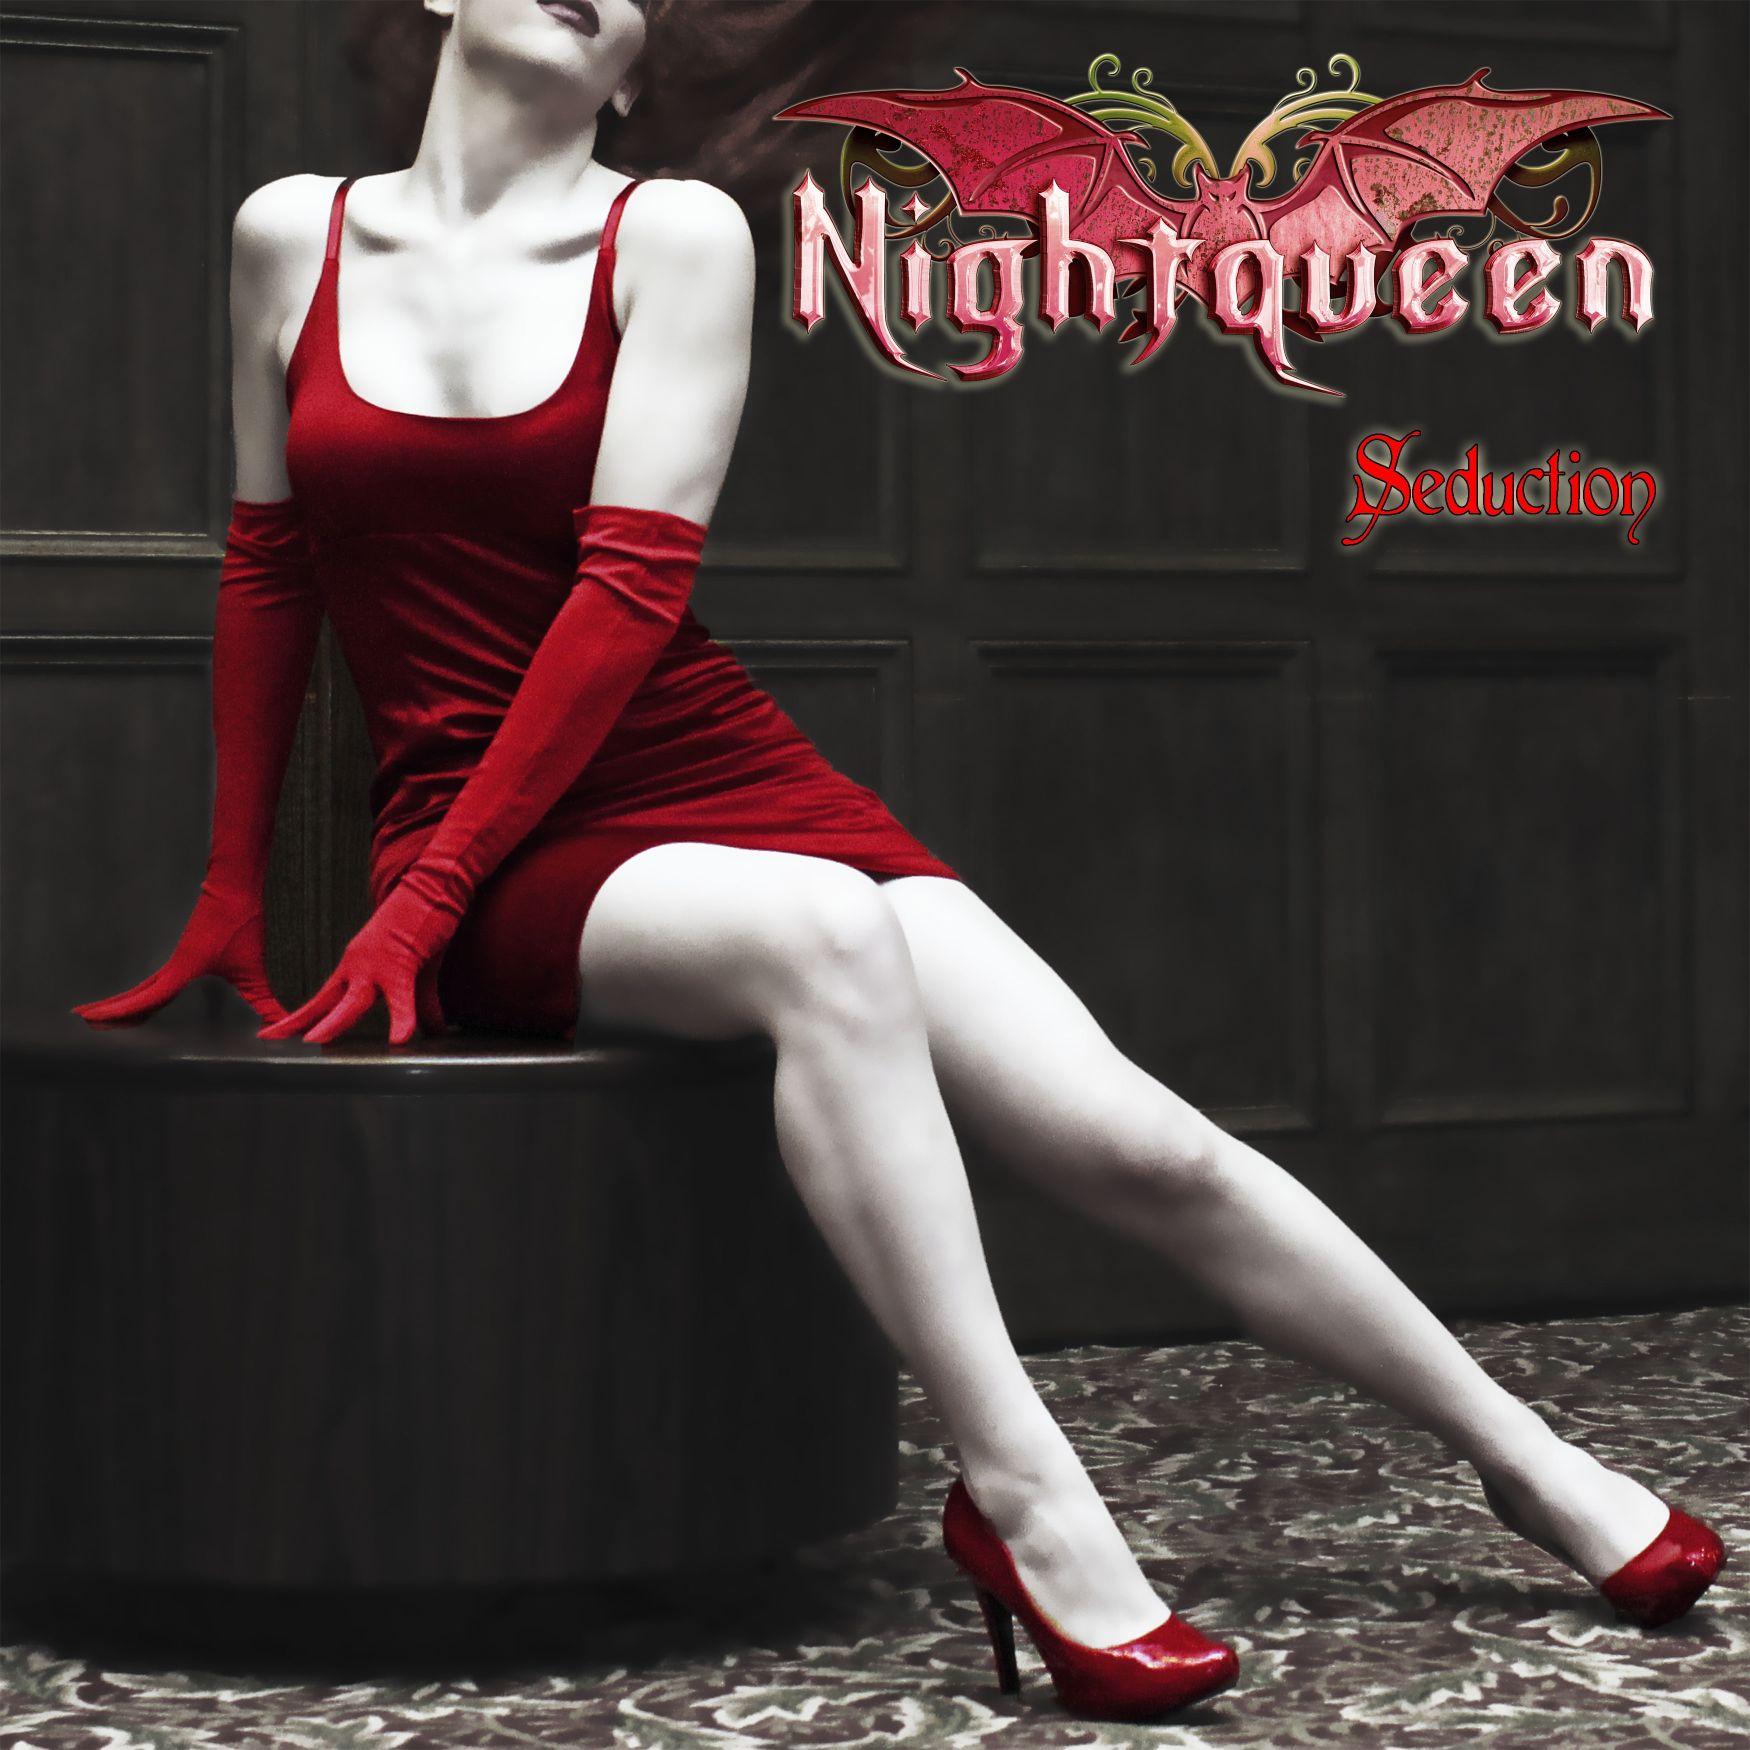 Nightqueen - Seduction - Artwork